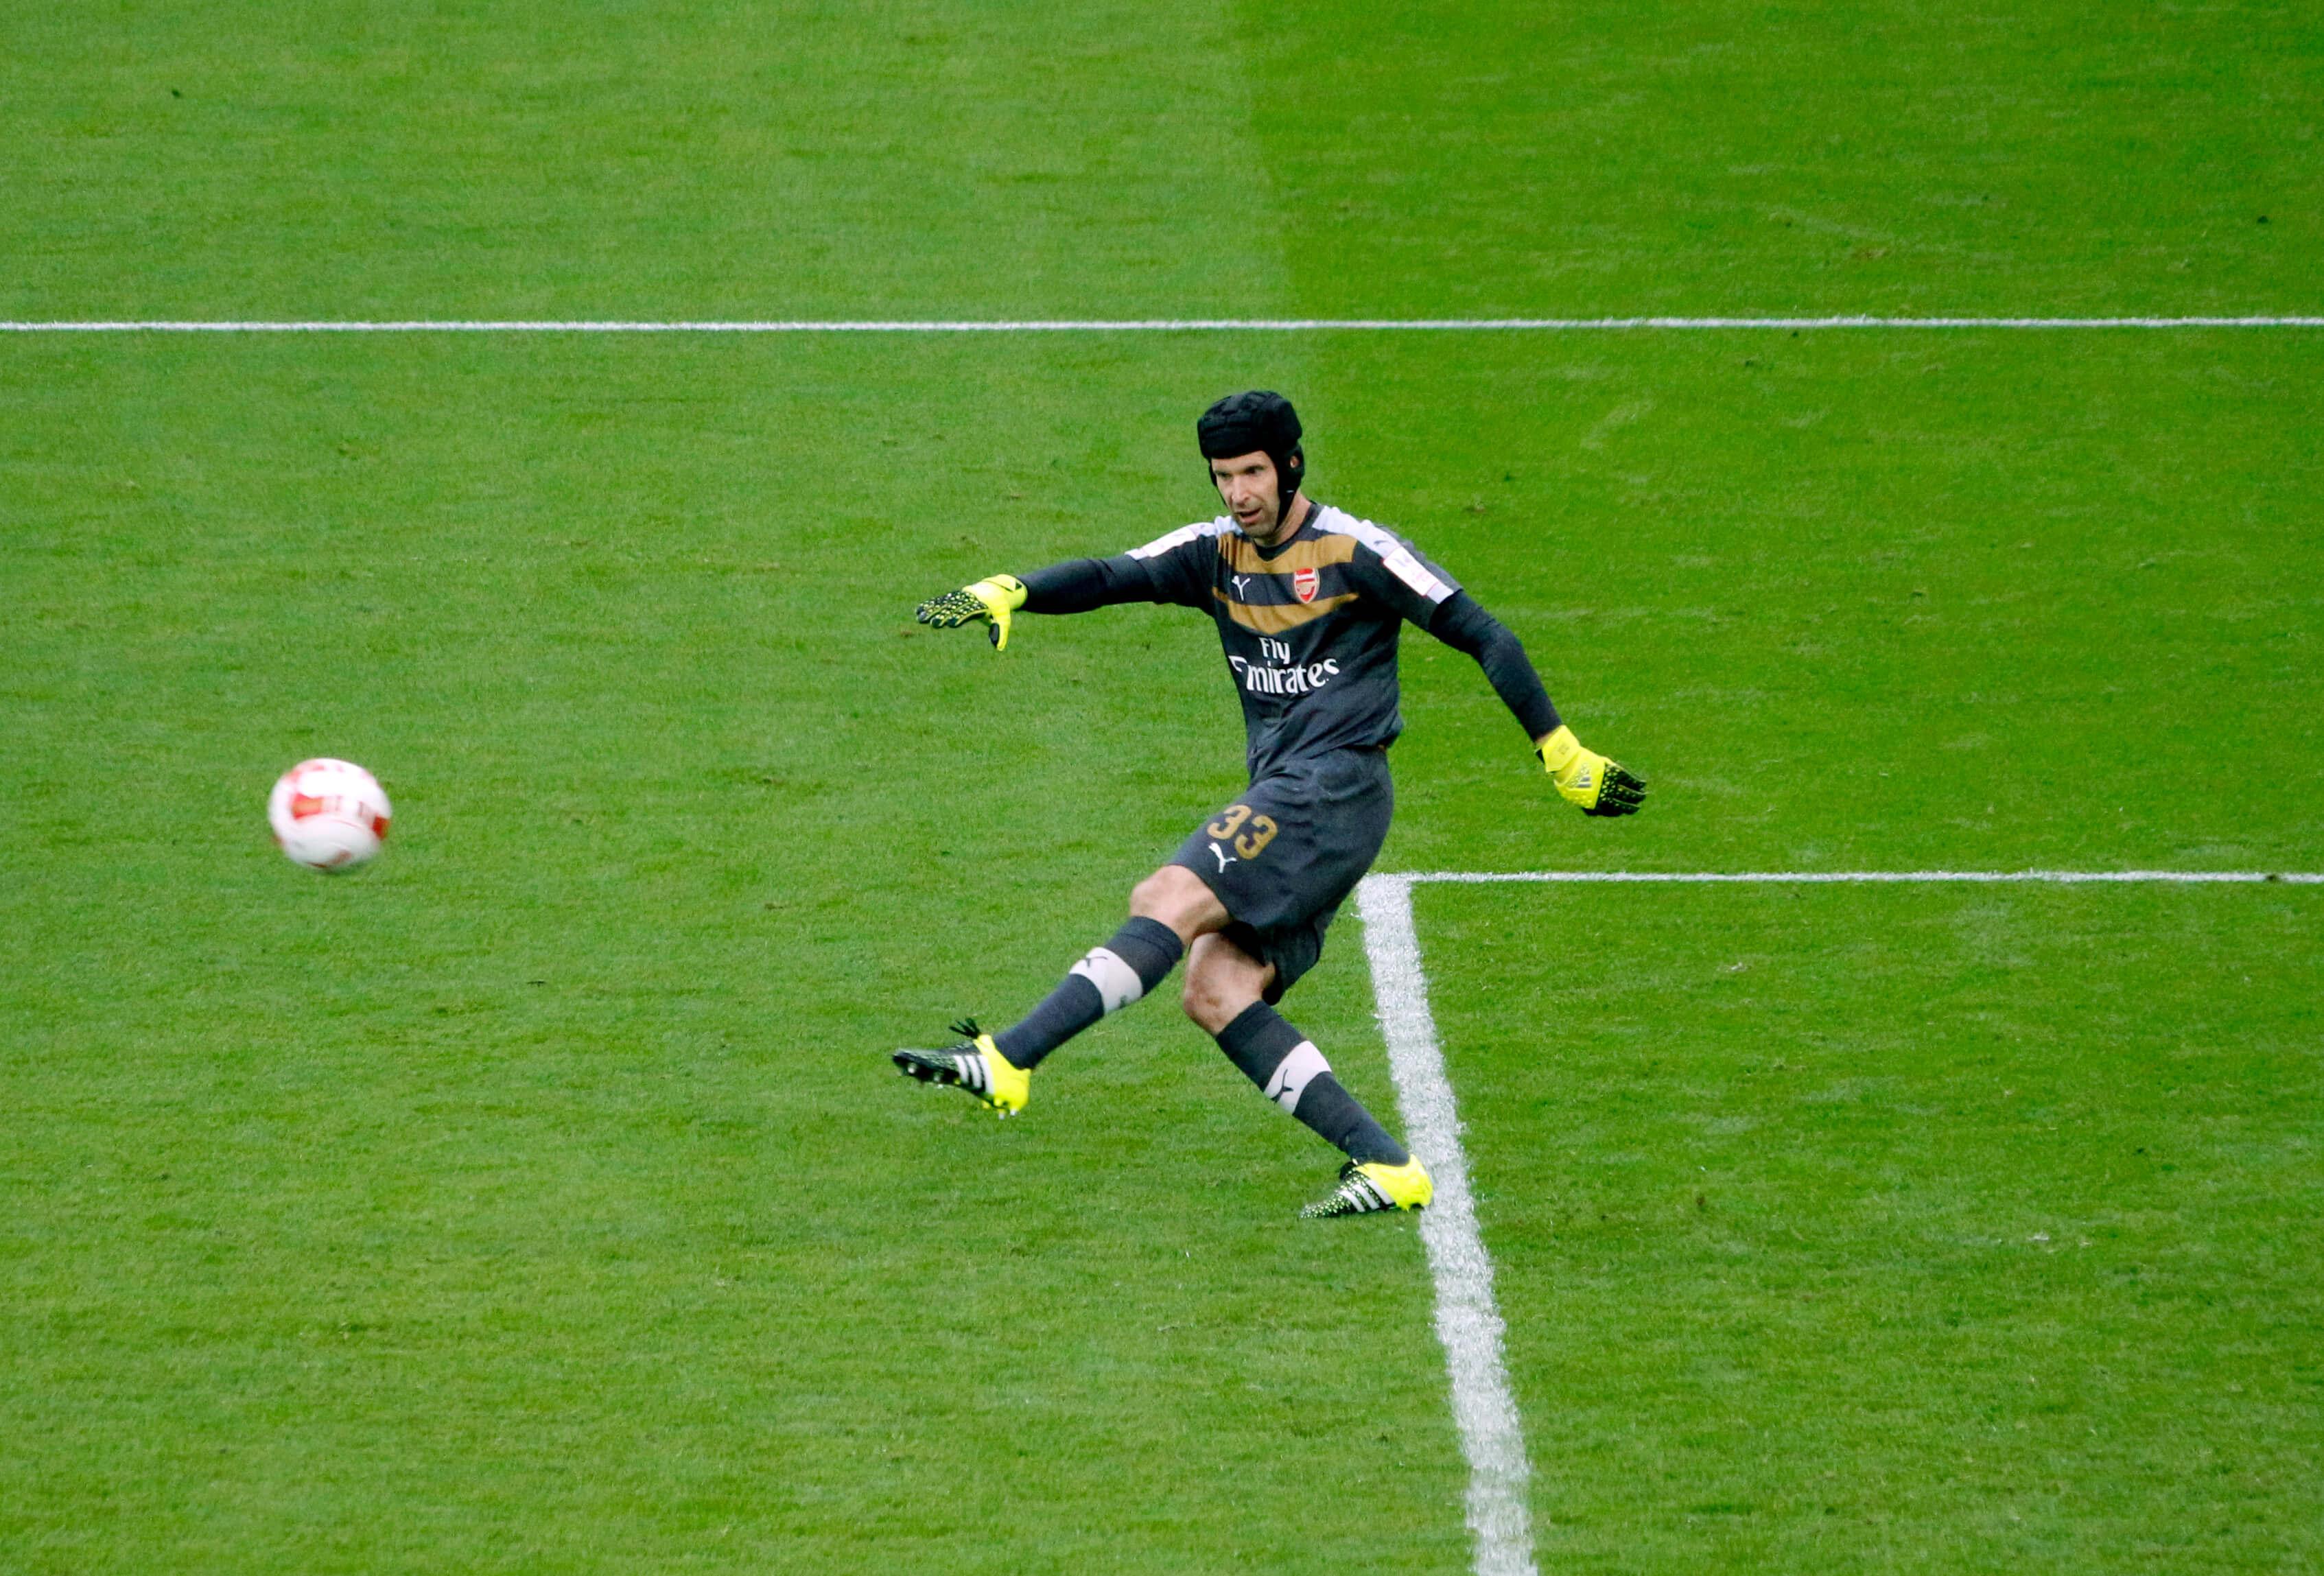 Petr Čech při zápase, foto DSanchez17 via flickr, licence CC 2.0 <a href=